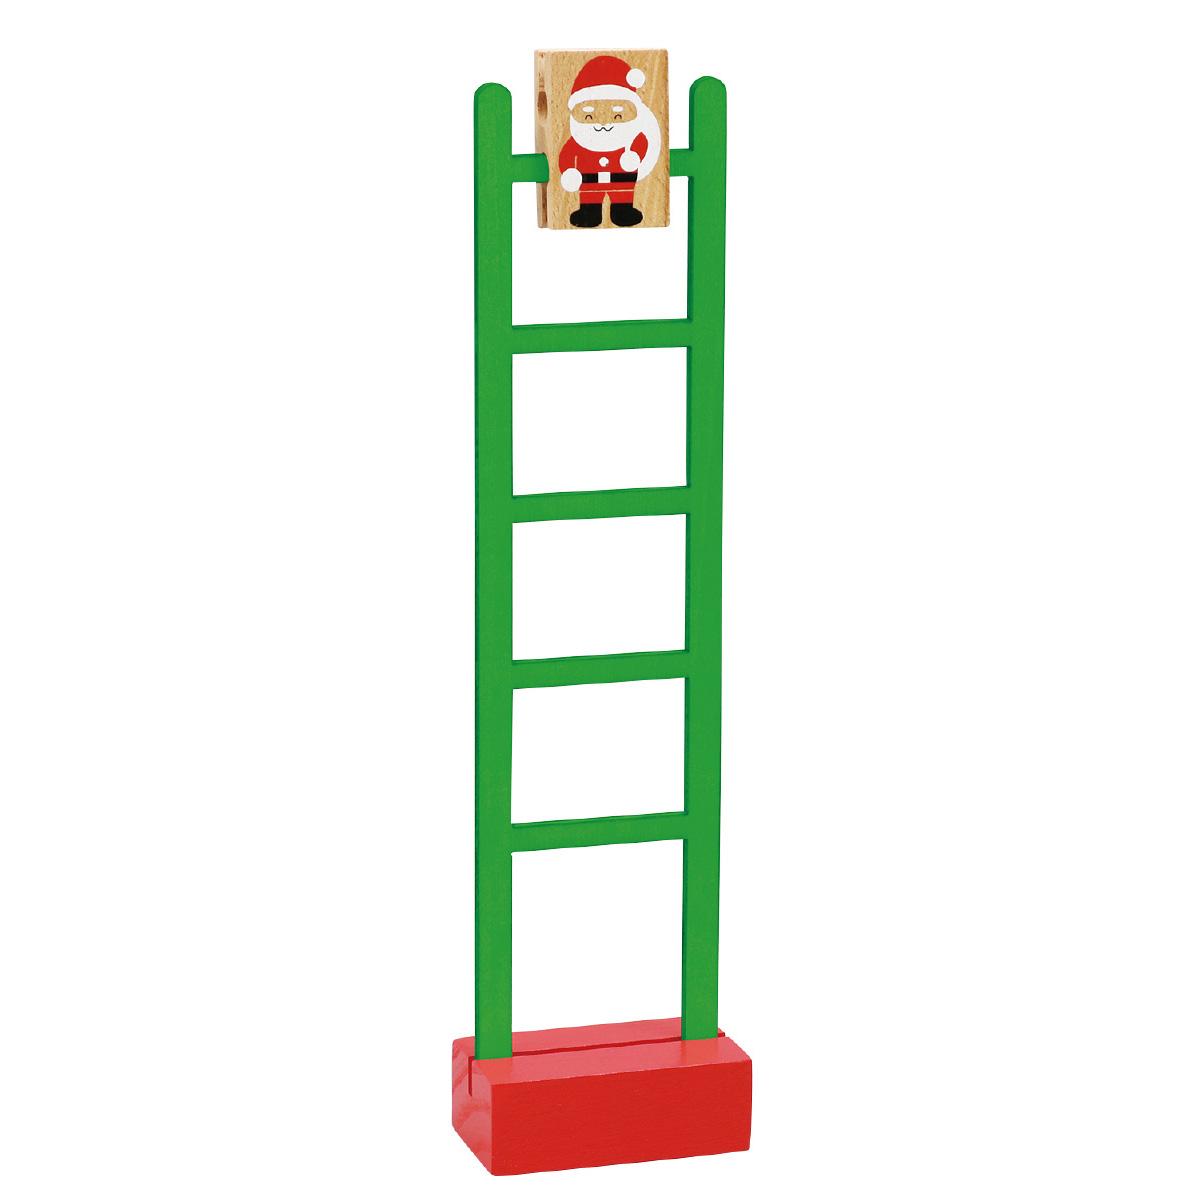 サンタのはしごくだり アーテック キッズ 子供 幼児 クリスマス 雑貨 木製 おもちゃ 知育玩具 クリスマスプレゼント